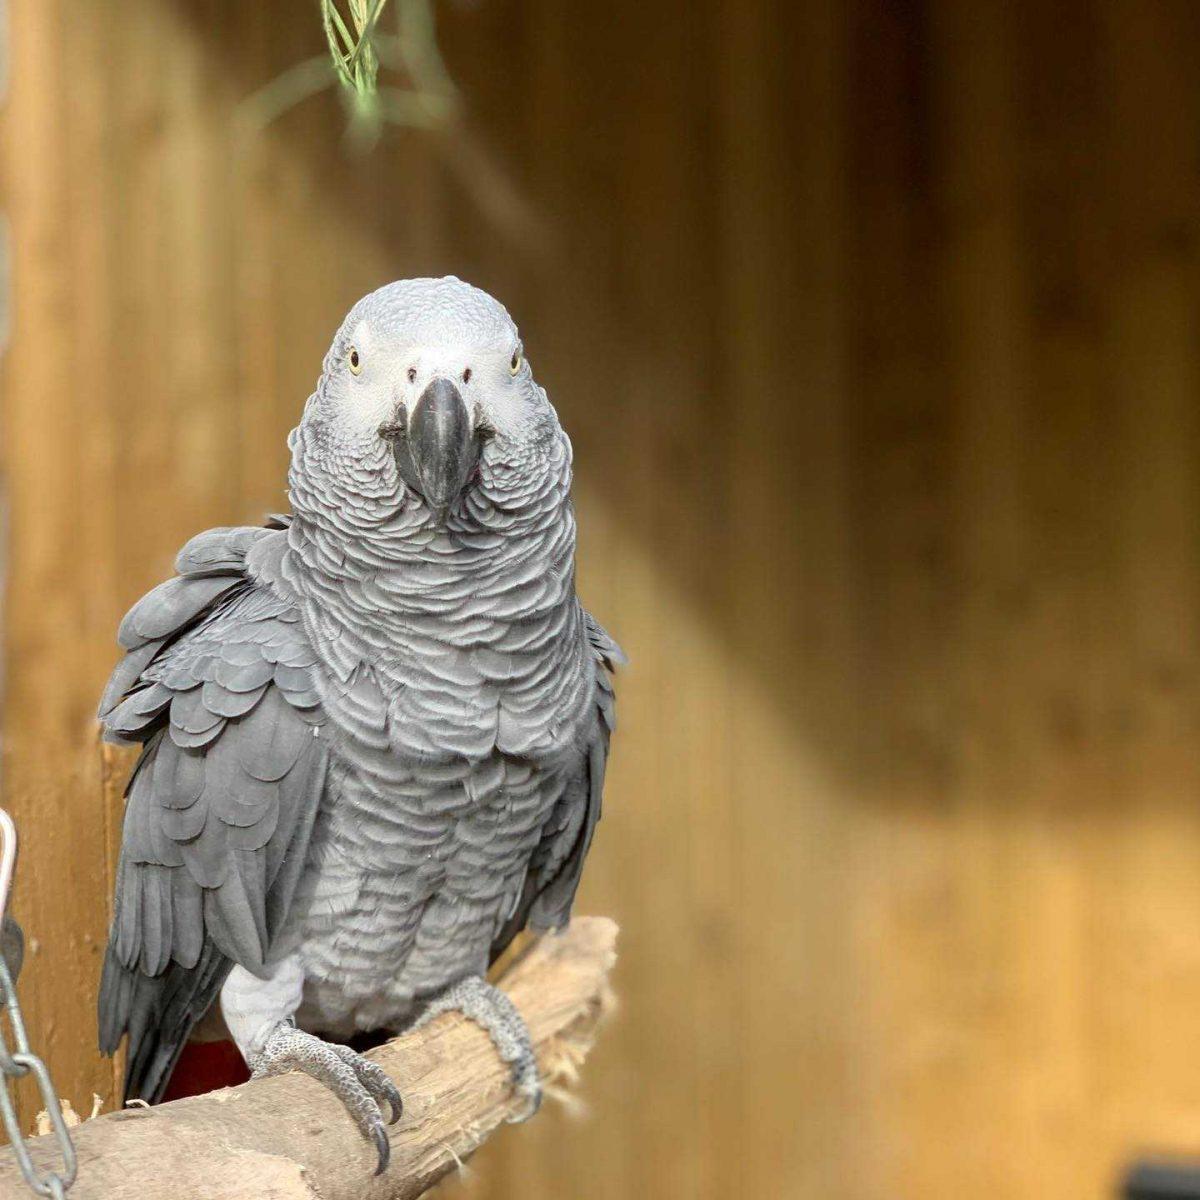 Aislados por groseros: cinco loros en un zoológico fueron apartados para que no insulten a los visitantes